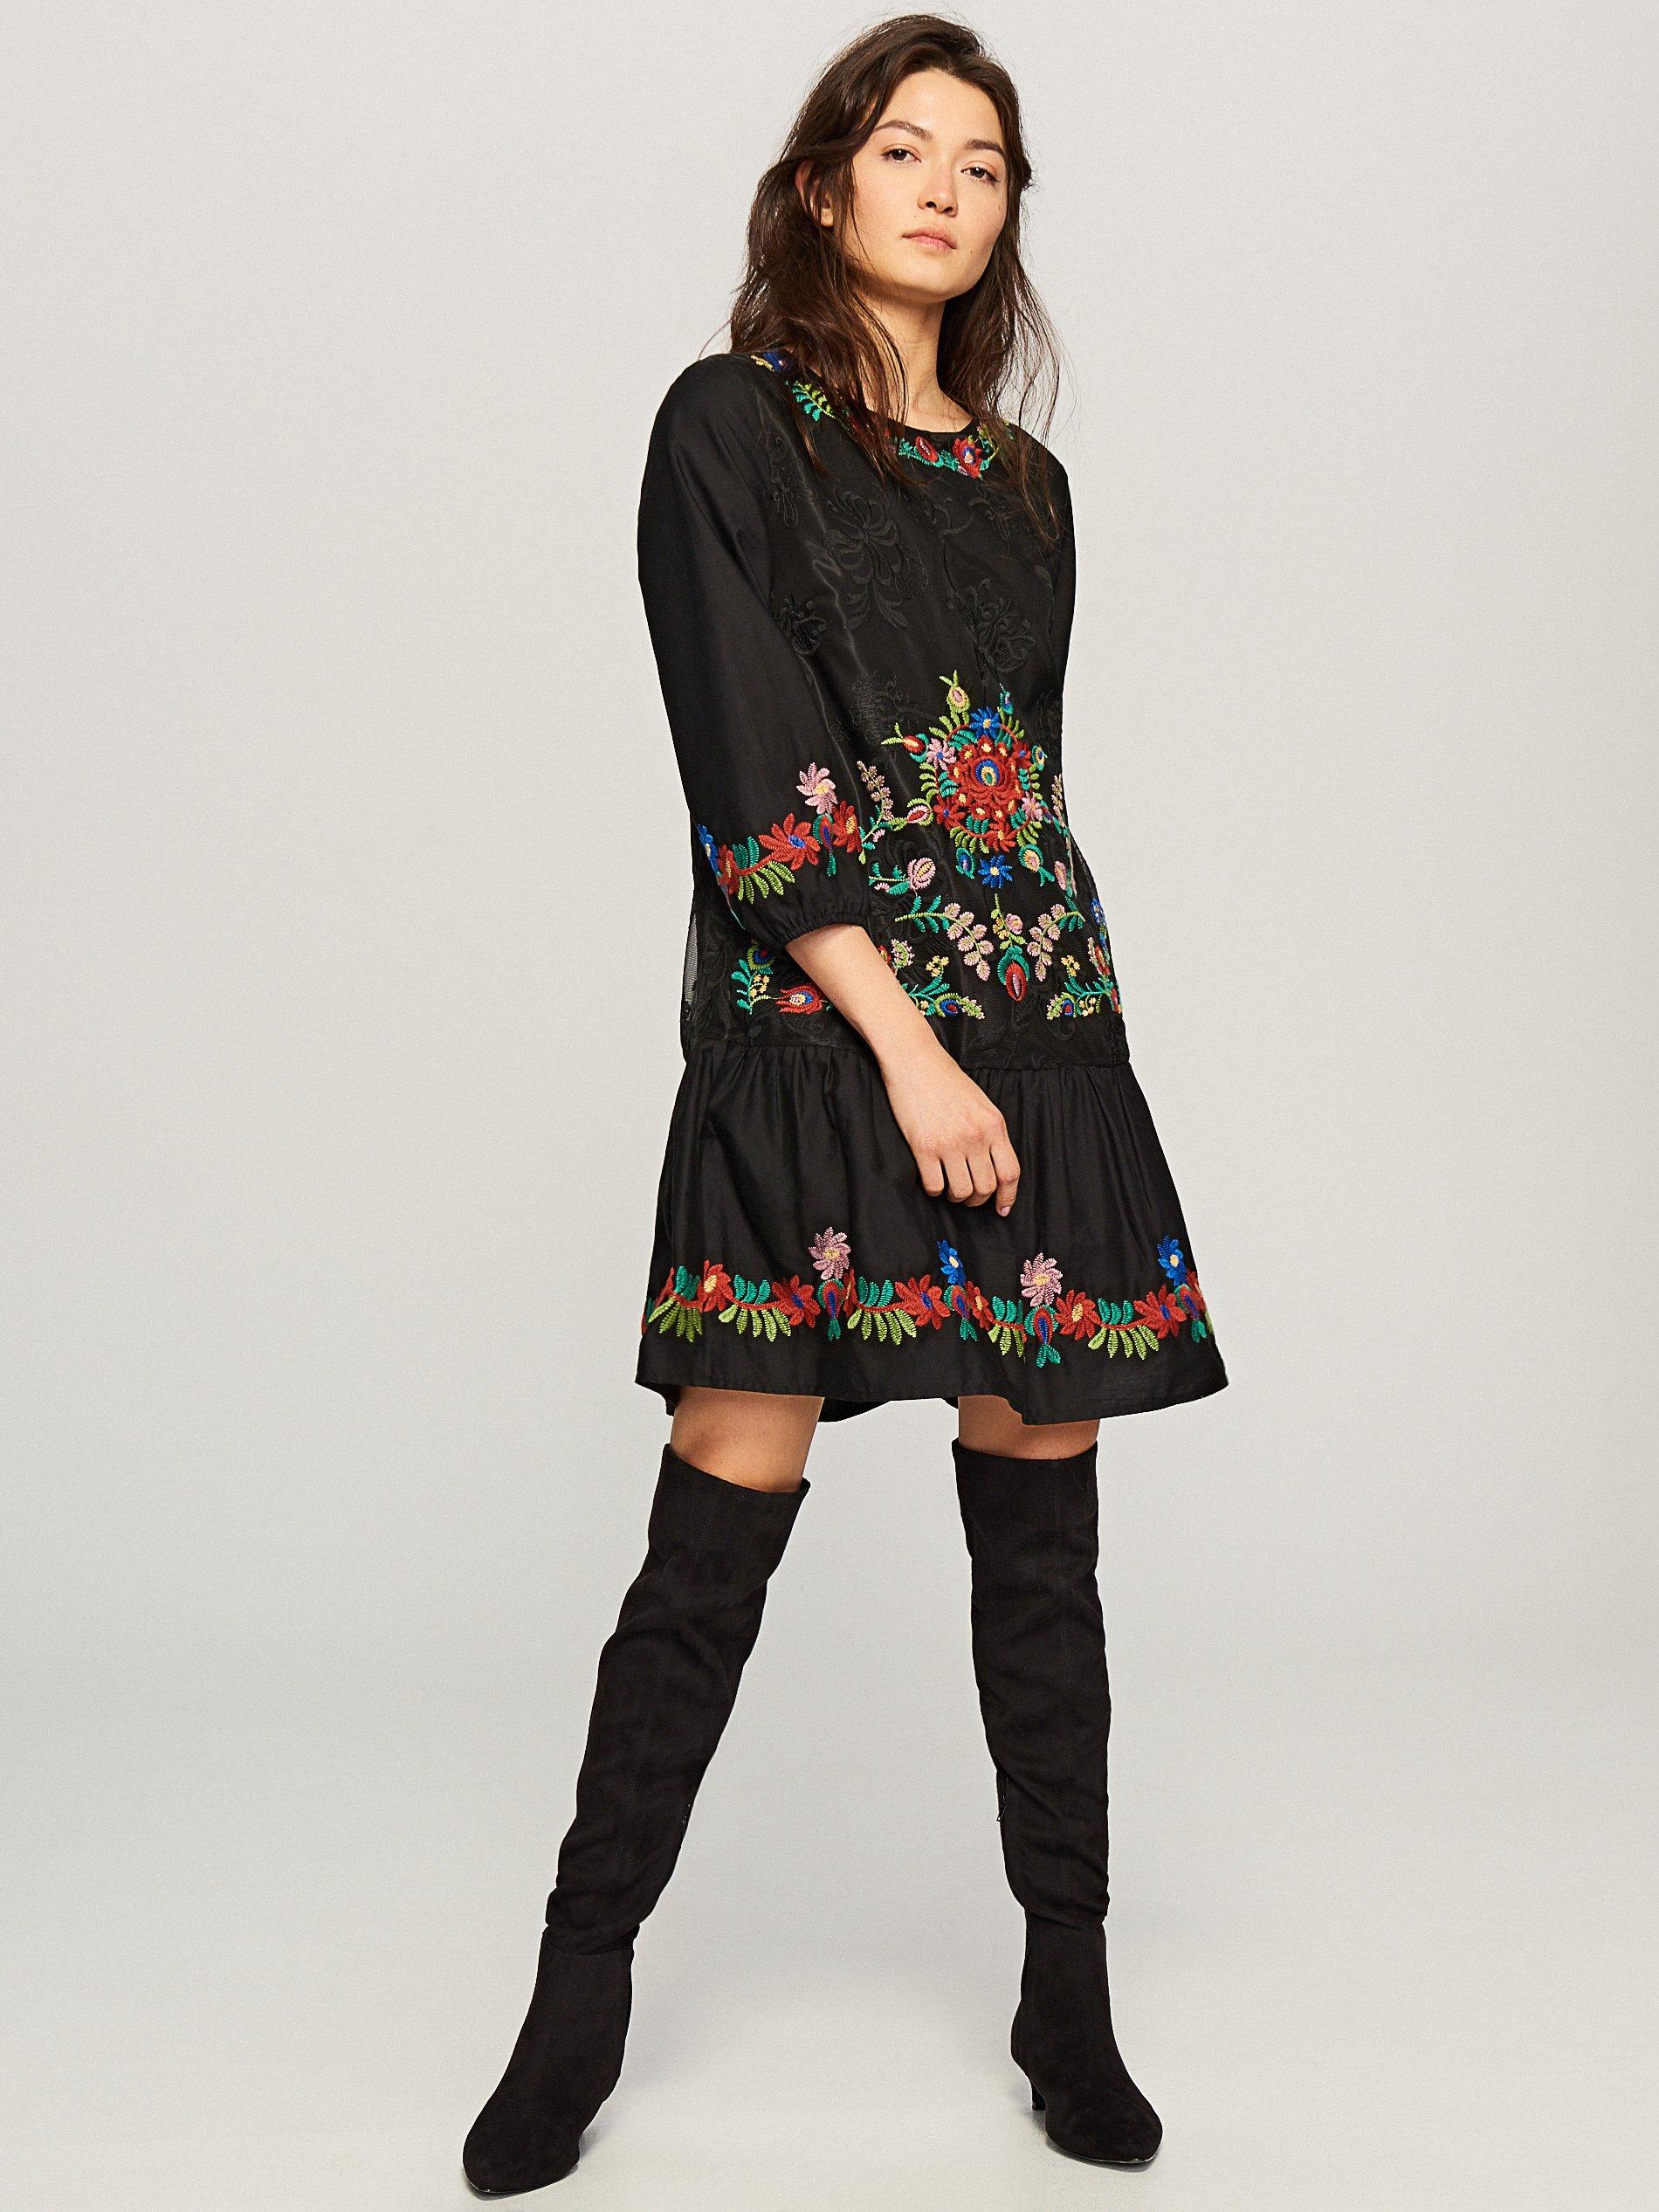 72e353800fa02a RESERVED Sukienka z kwiatowym haftem 36 - 7153136876 - oficjalne ...